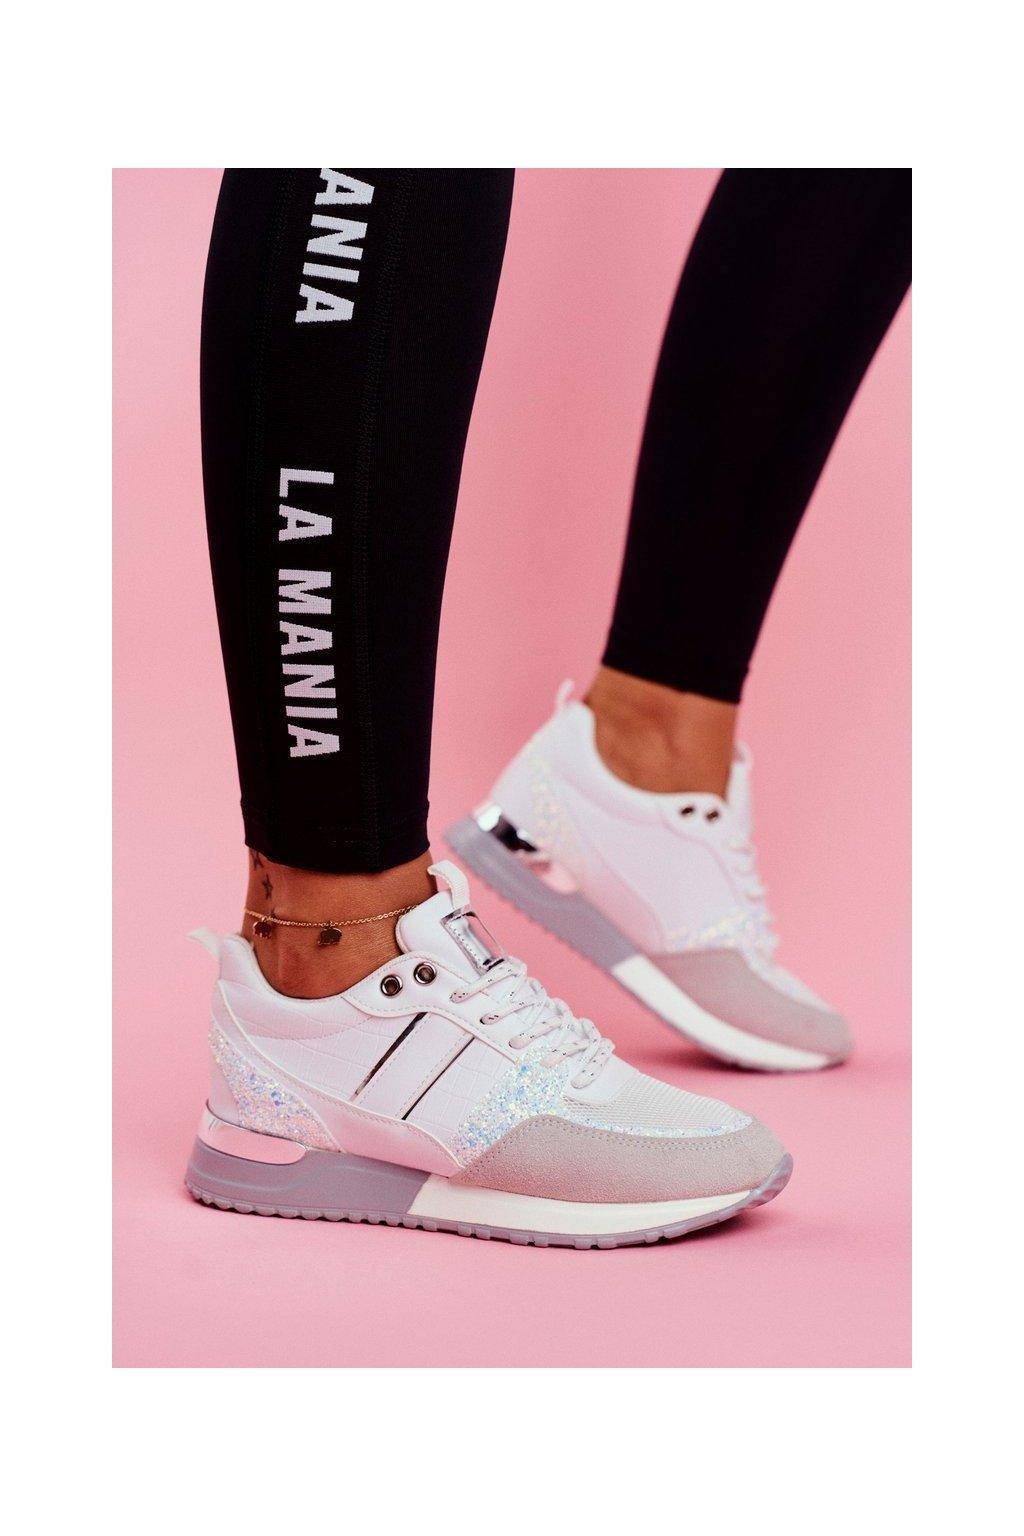 Dámska športová obuv biele Himme